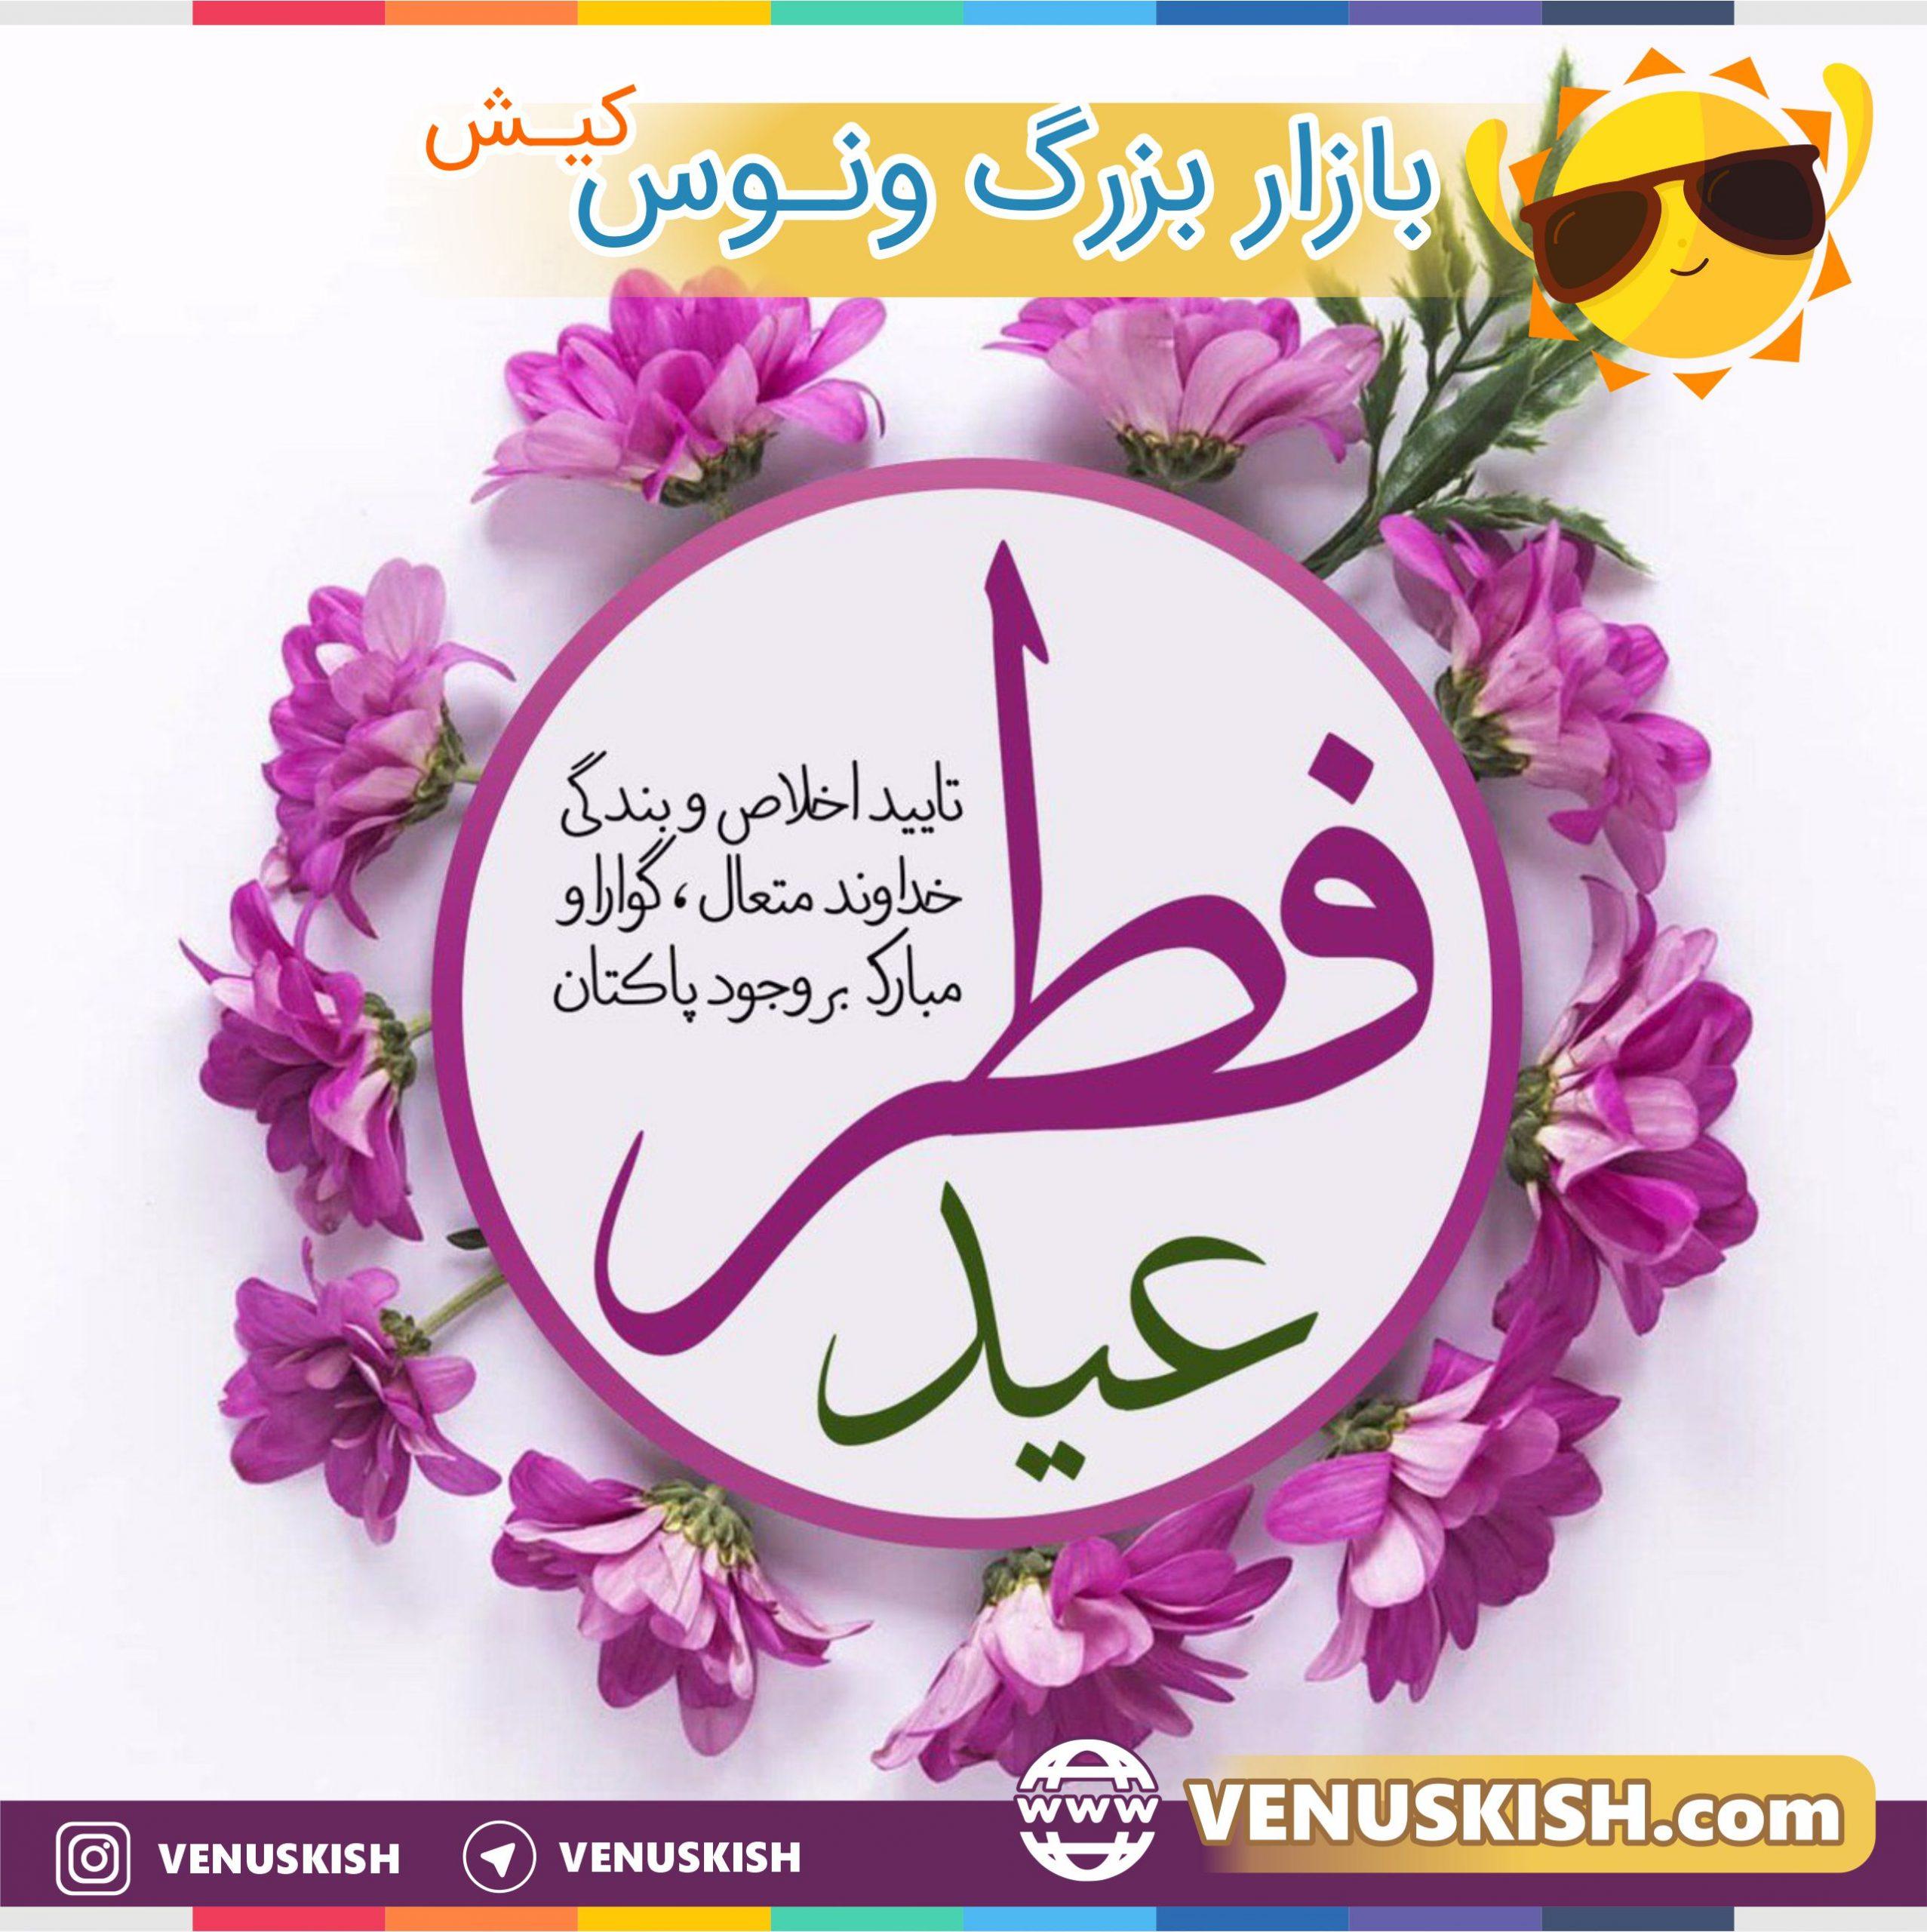 🌛حلول ماه عید و شادی مسلمین است پایان ماه روزه، برای صائمین است نشاط و افتخار و شادی و سربلندی از محک الهی برای مؤمنین است 🌜